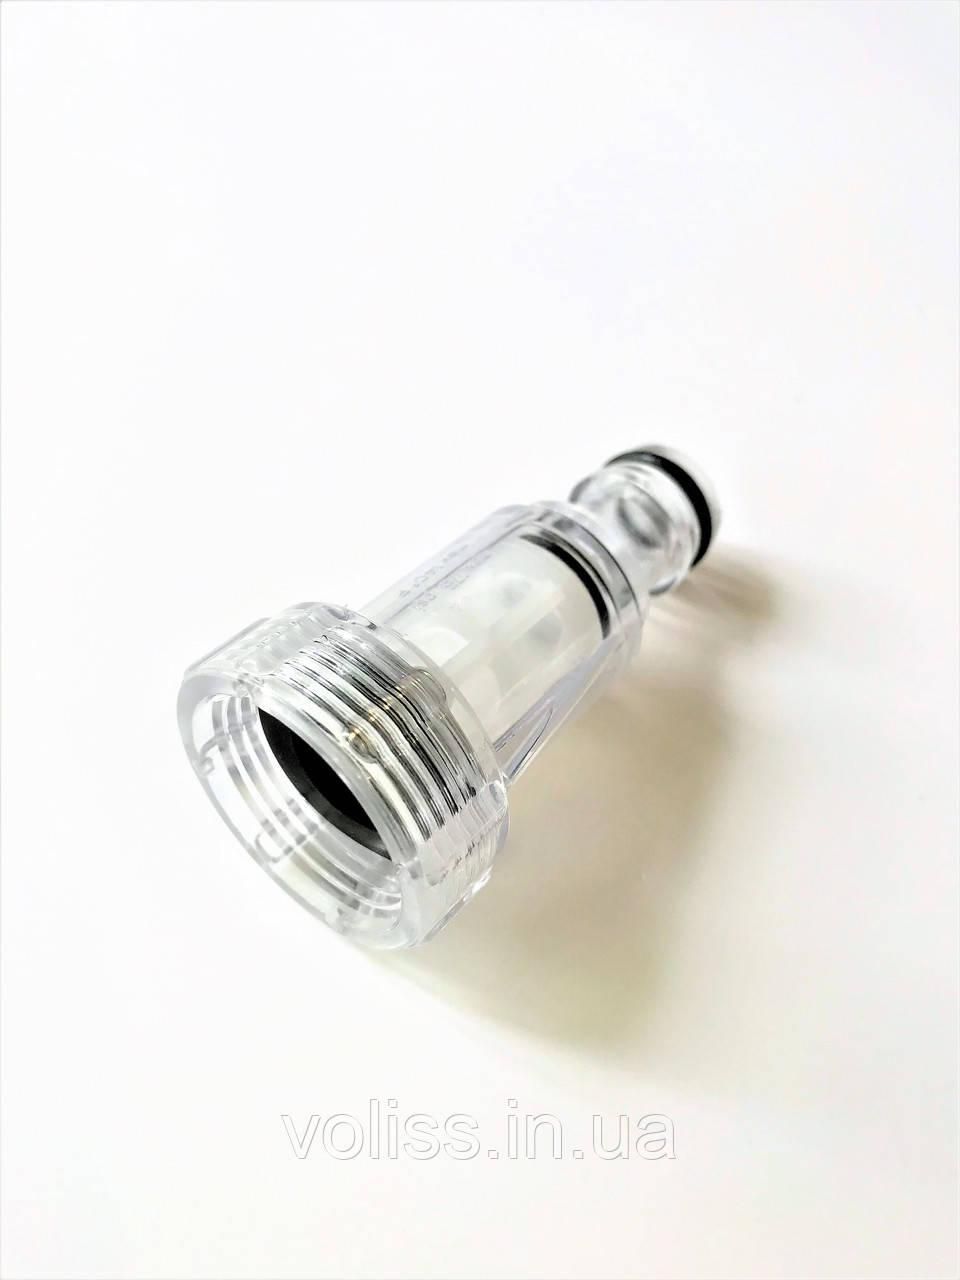 Фильтр для воды Makita 3082130